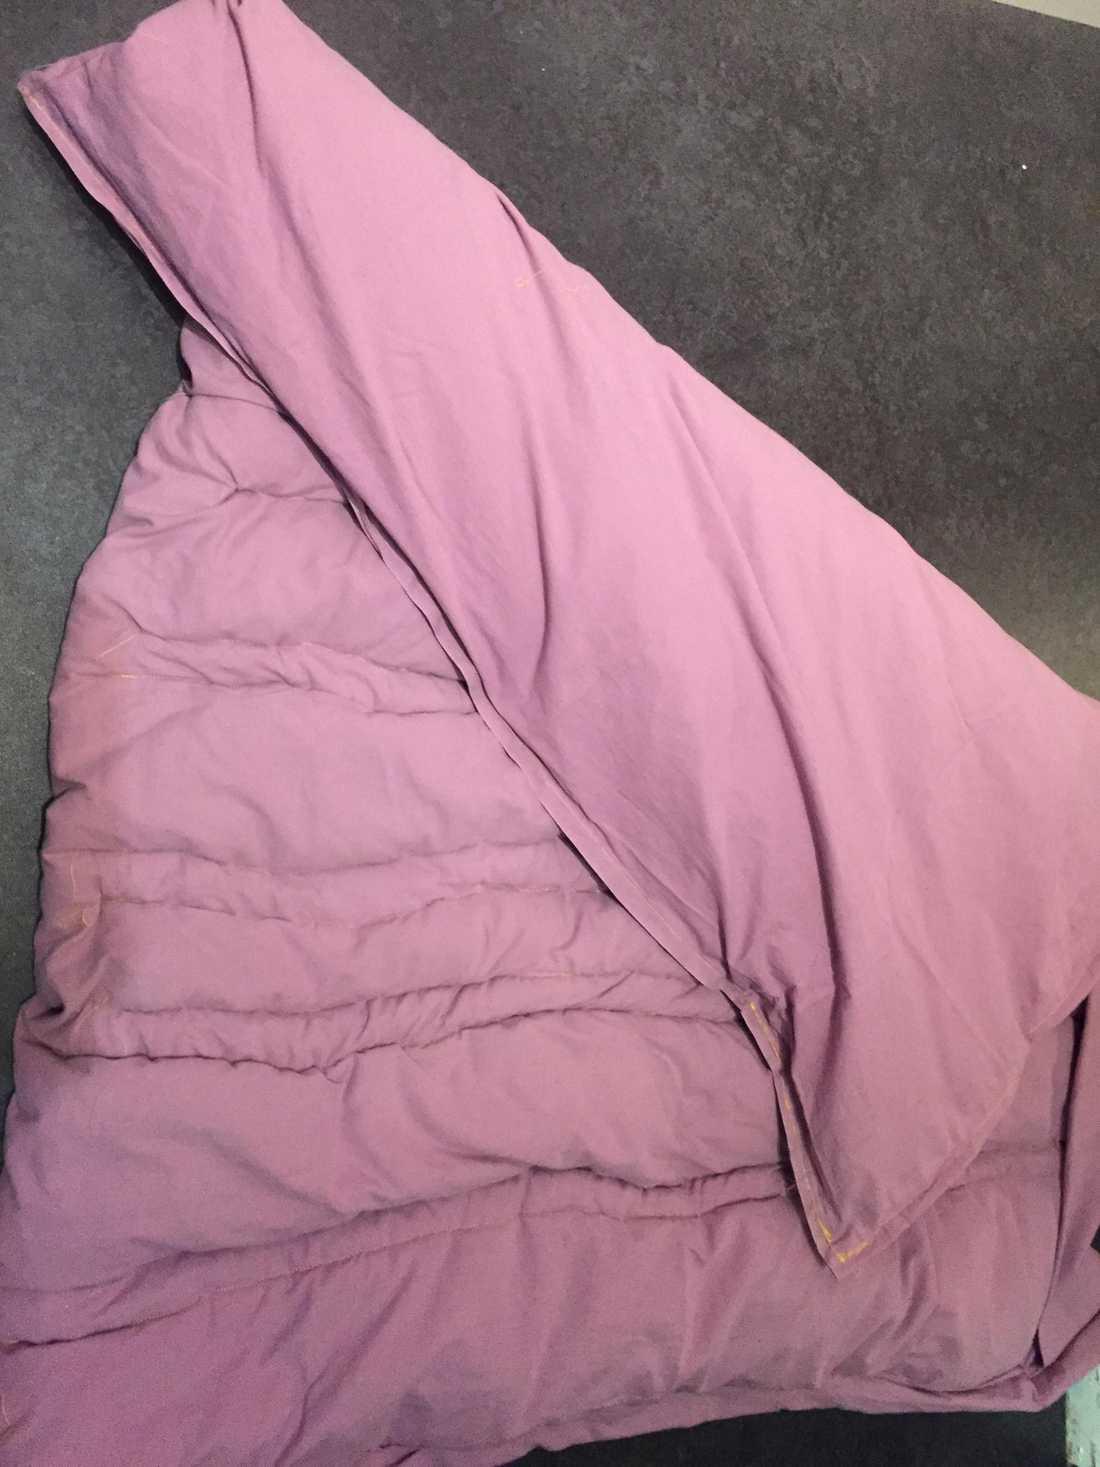 Malin Larsson sydde ett eget tyngdtäcke.